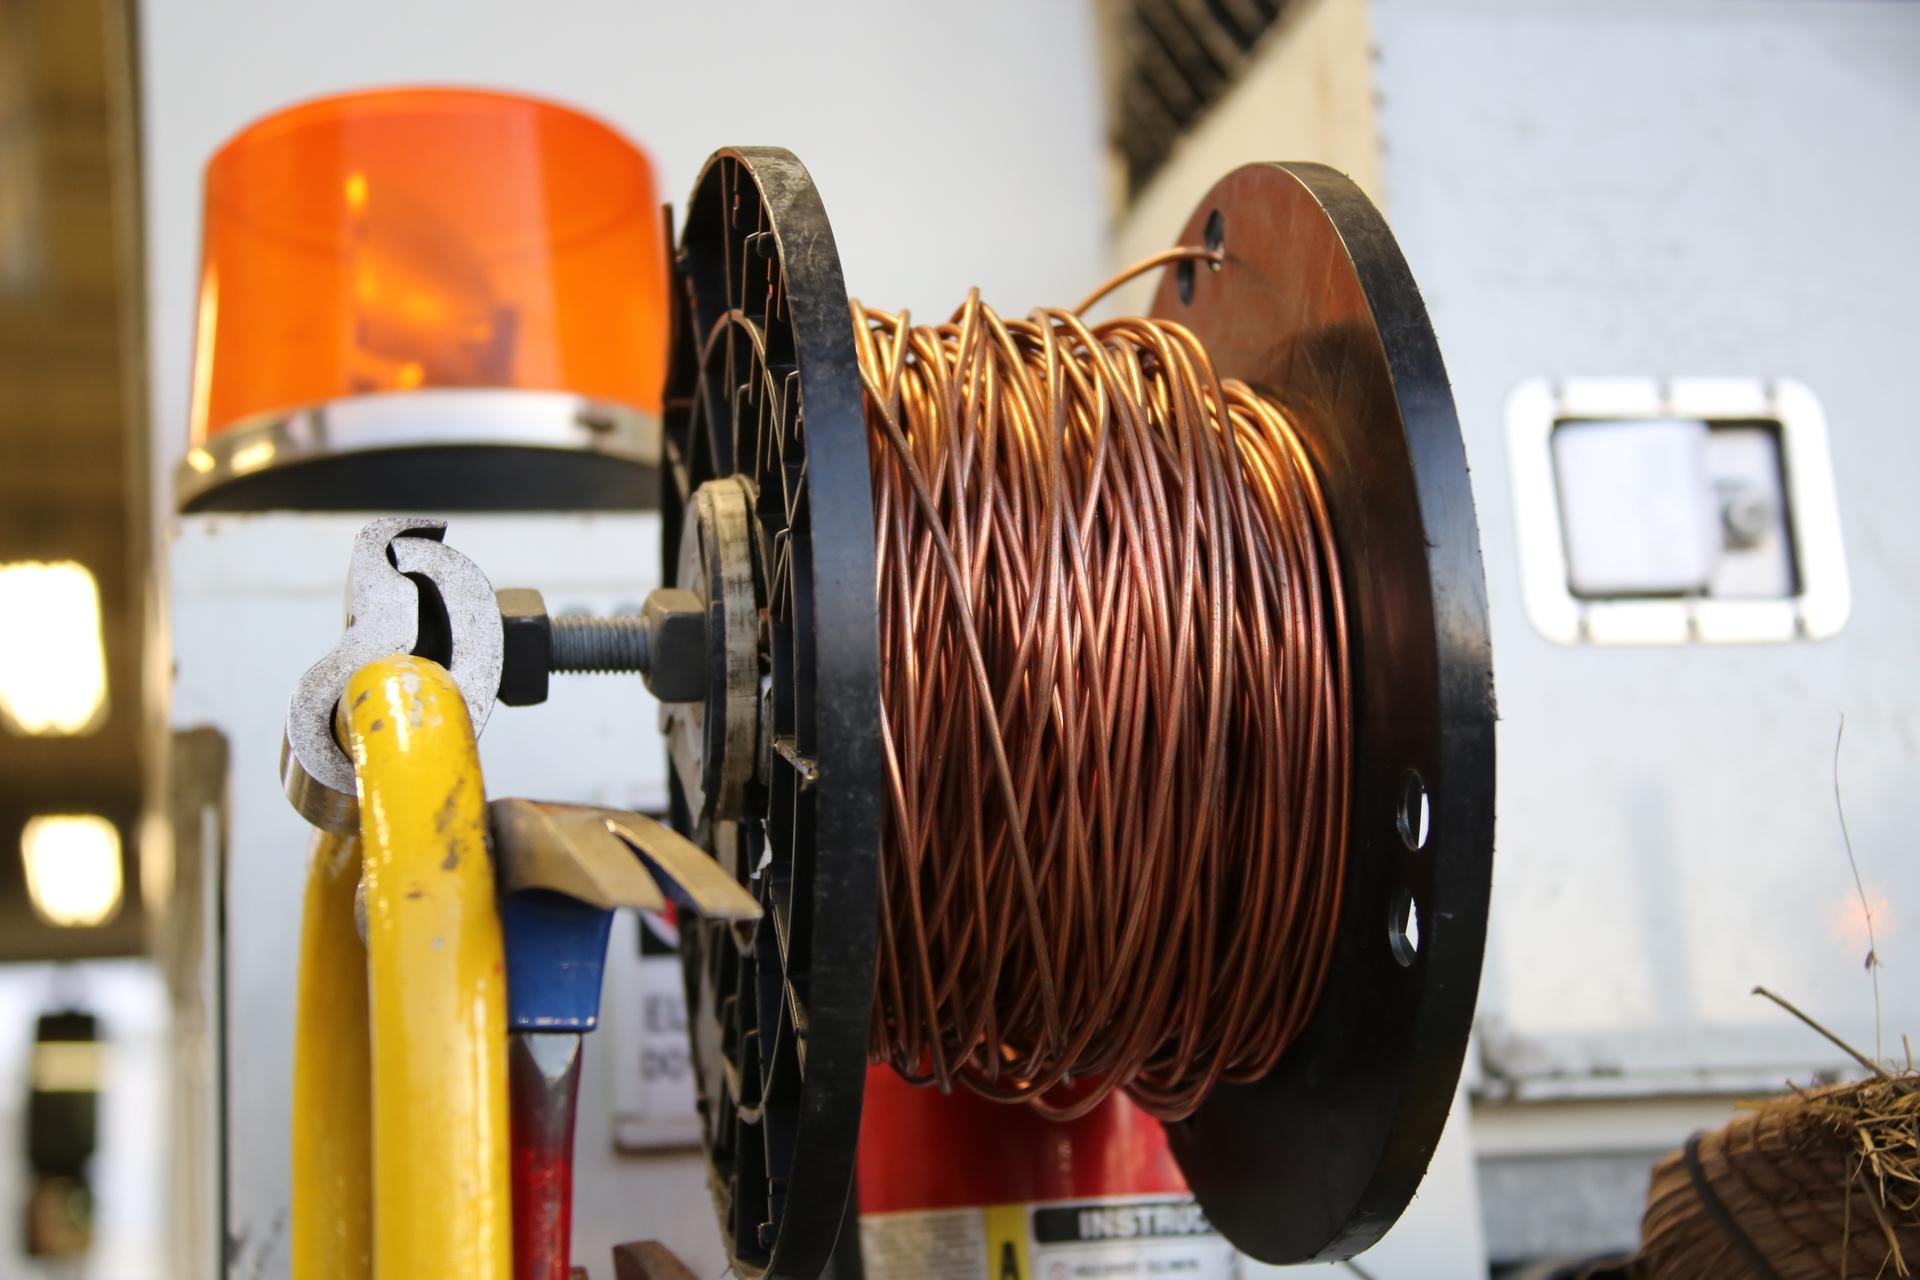 Ngoài mối đe dọa tới an toàn công cộng như hở điện, lấy trộm dây đồng có thể gây ra mất điện từ vài phút tới hàng giờ.